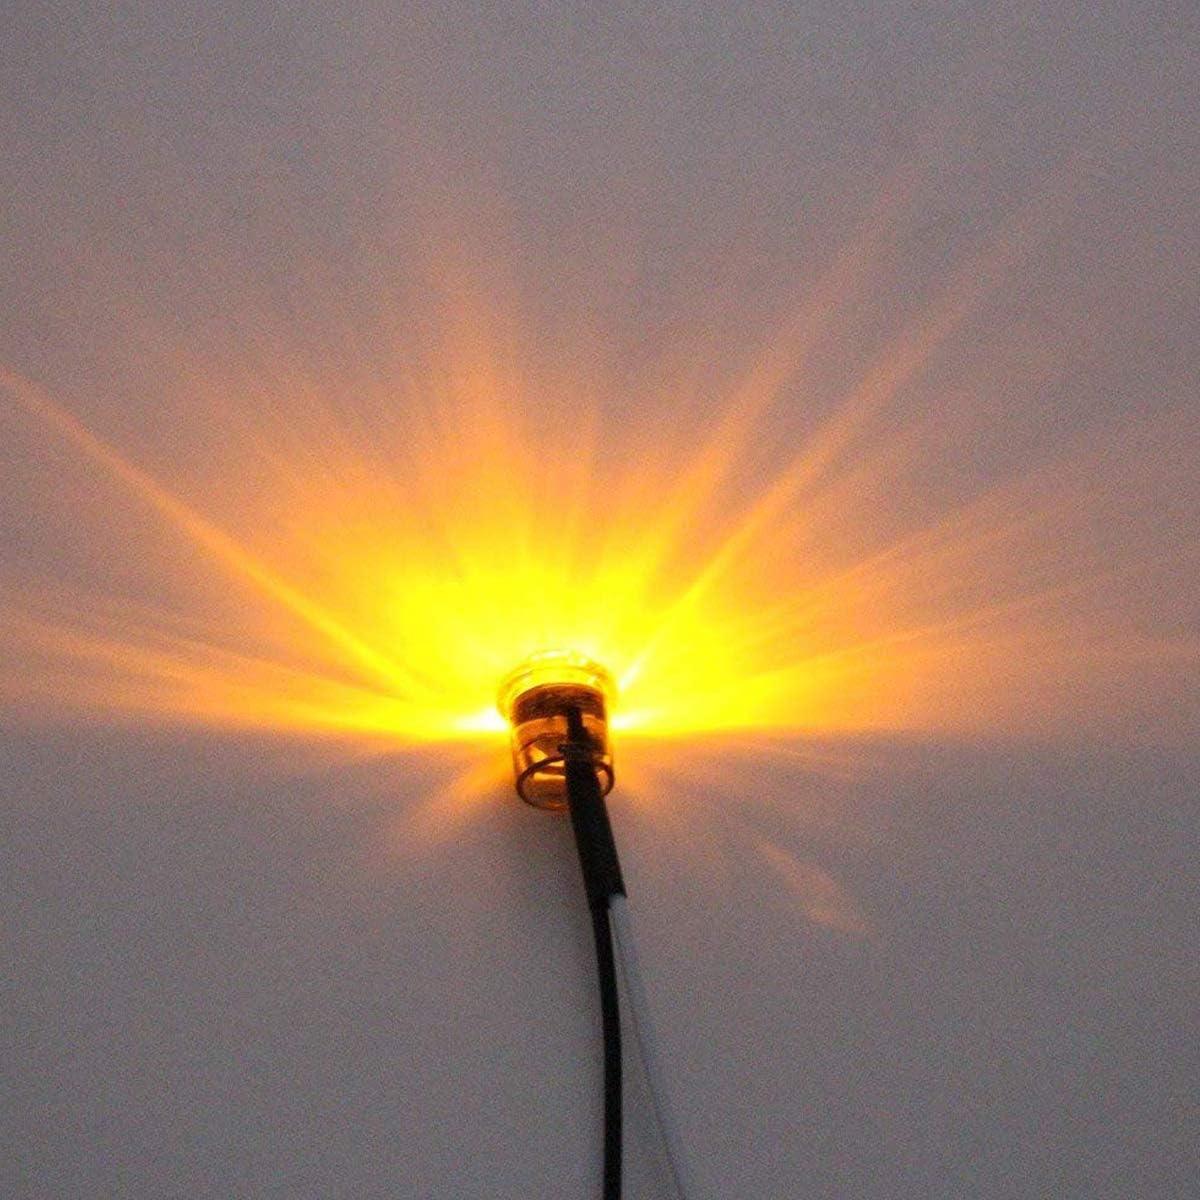 GOFORJUMP 10 PCS Remorque Camion LED C/ôt/é Marqueur Clignotants Feux Blanc Arri/ère C/ôt/é Marqueur Lampe Bus De Voiture Lumi/ères Exterieures 12 V